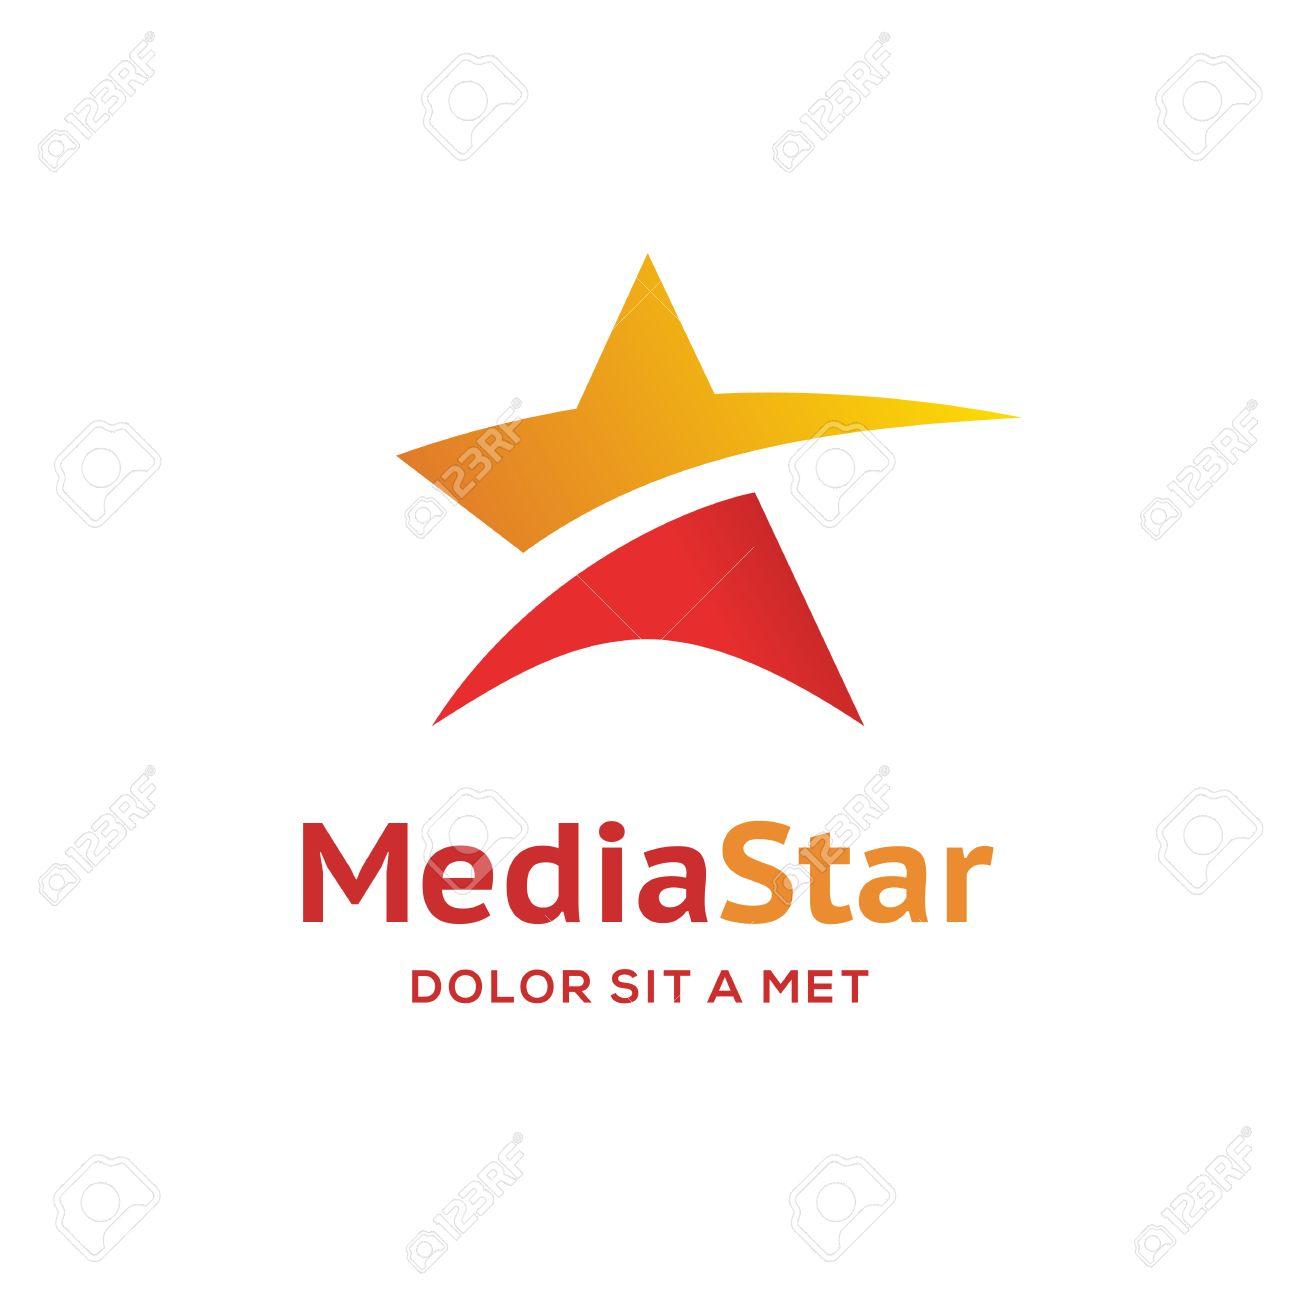 Logo Estrella Elementos Abstractos Plantilla Icono Del Diseño ...